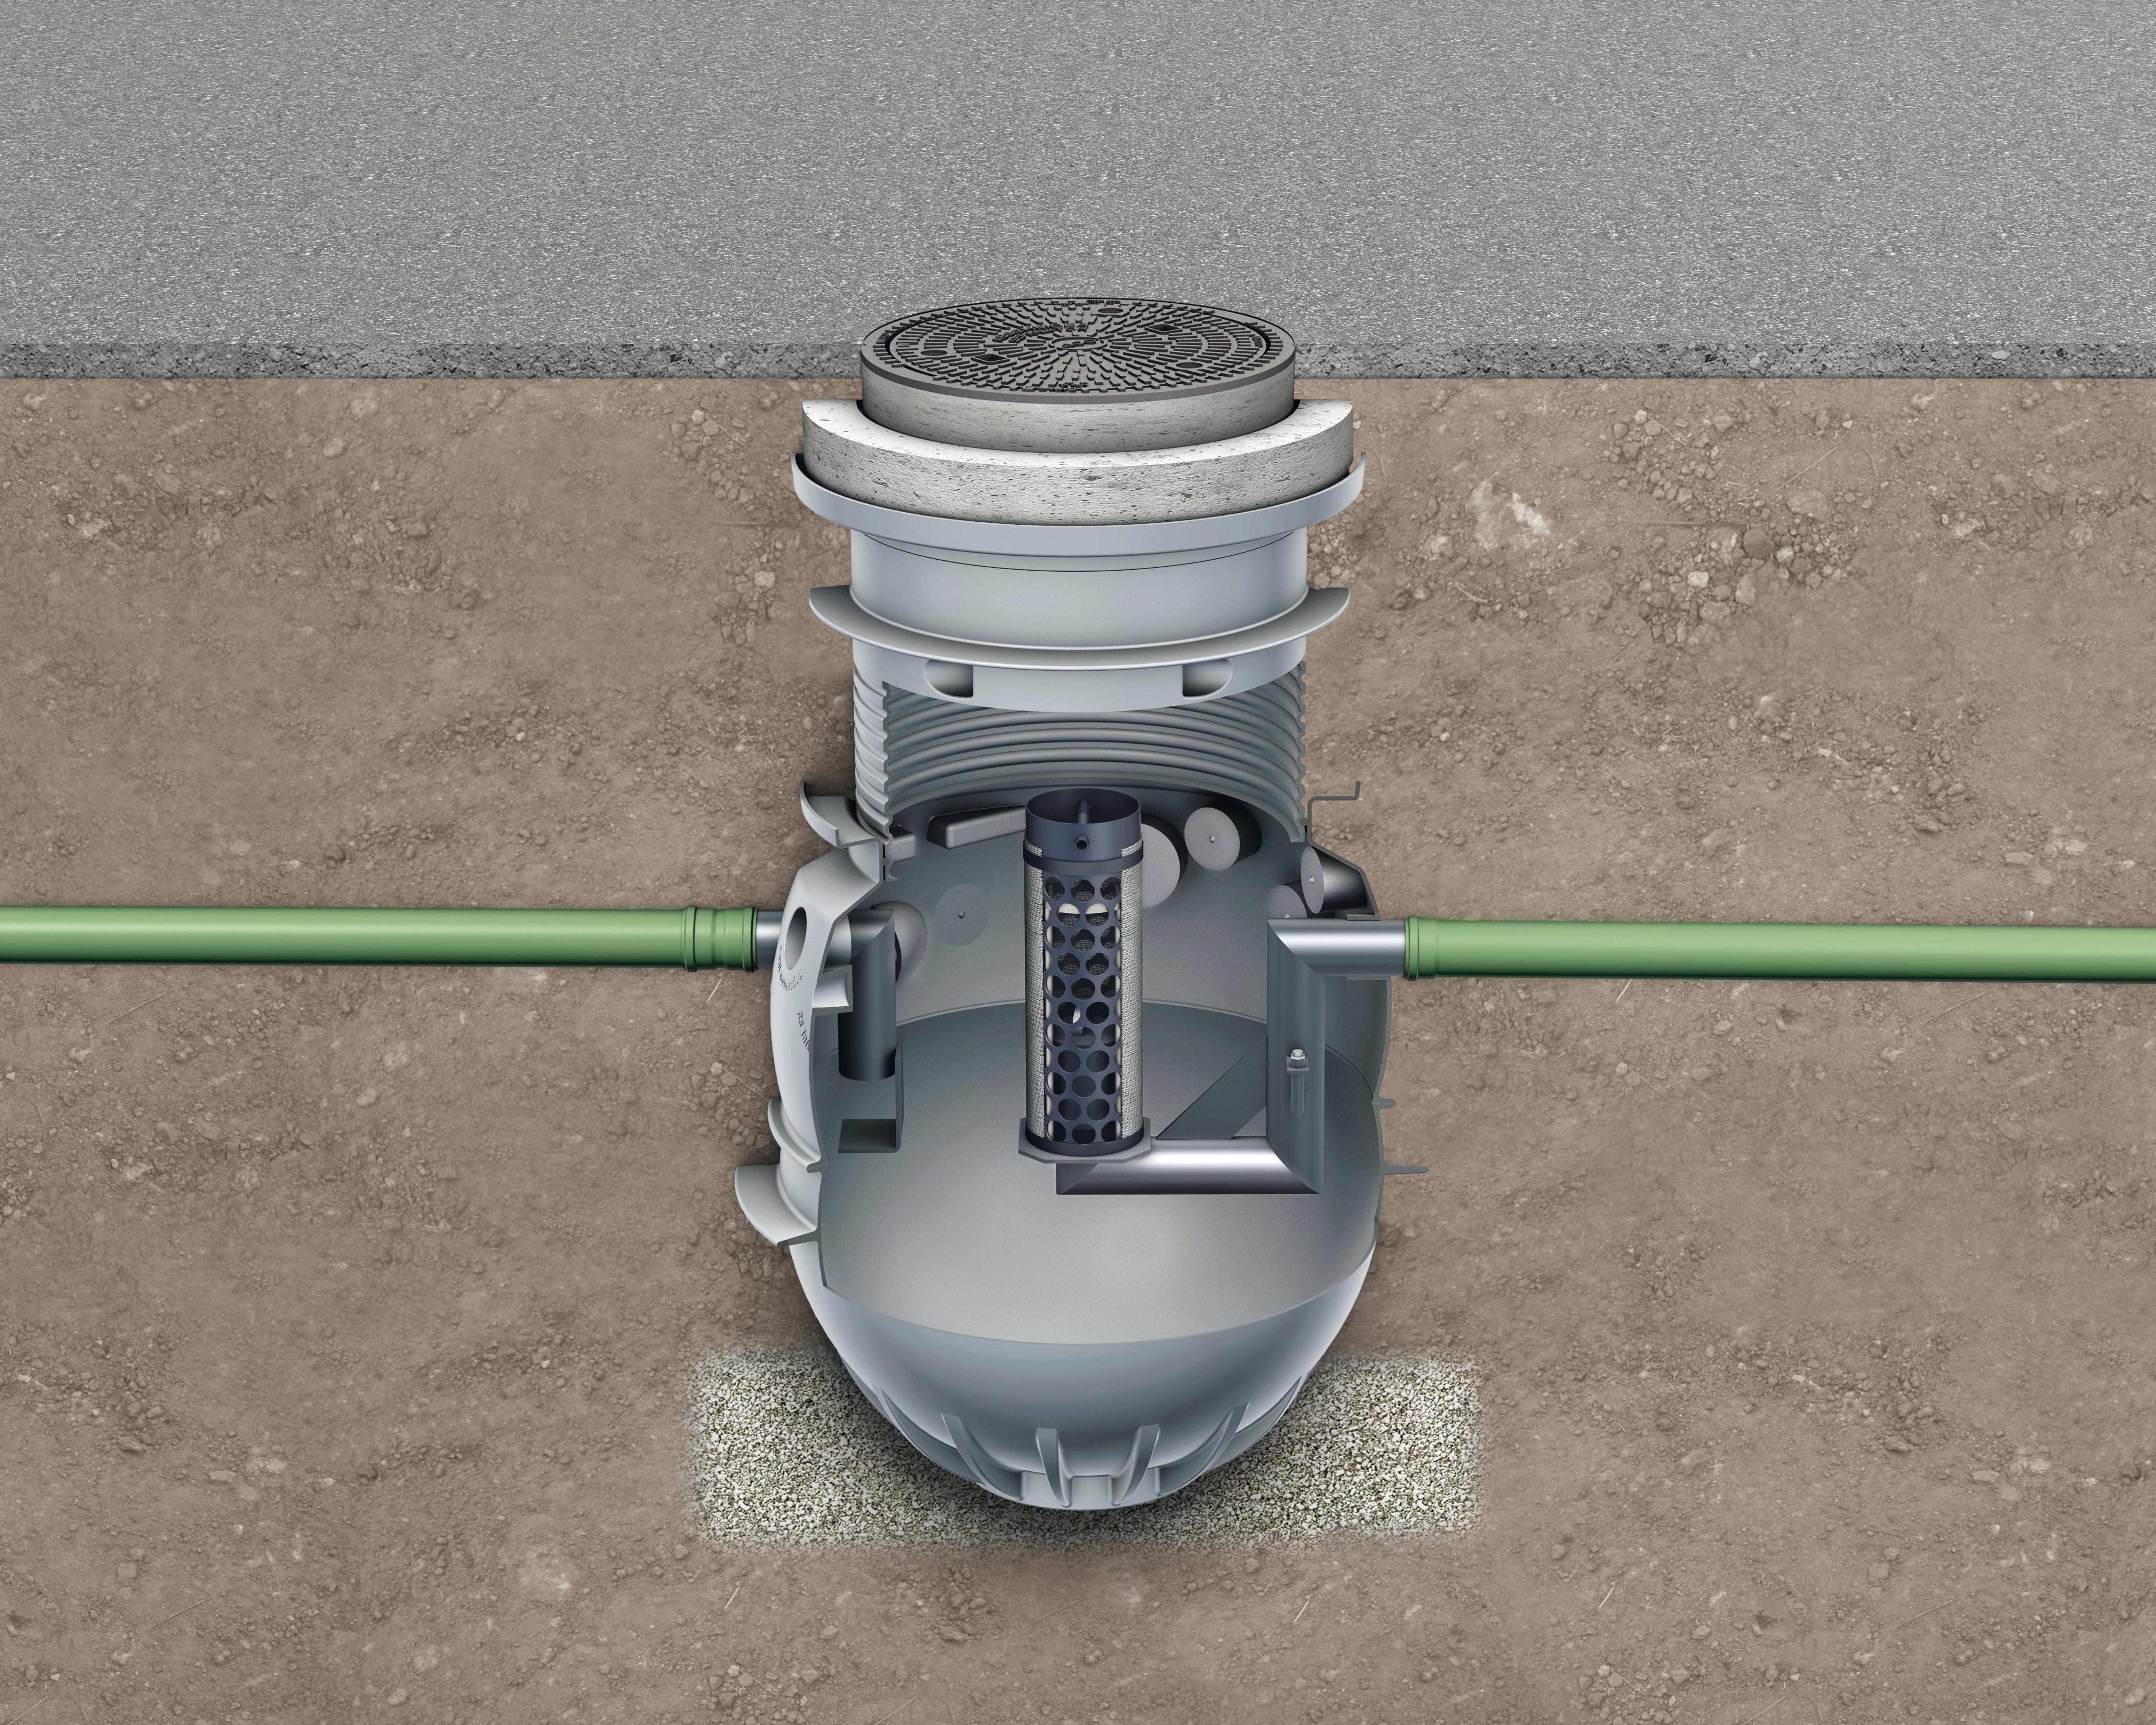 Instalatii de separare lichide usoare din polietilena ACO - Poza 4